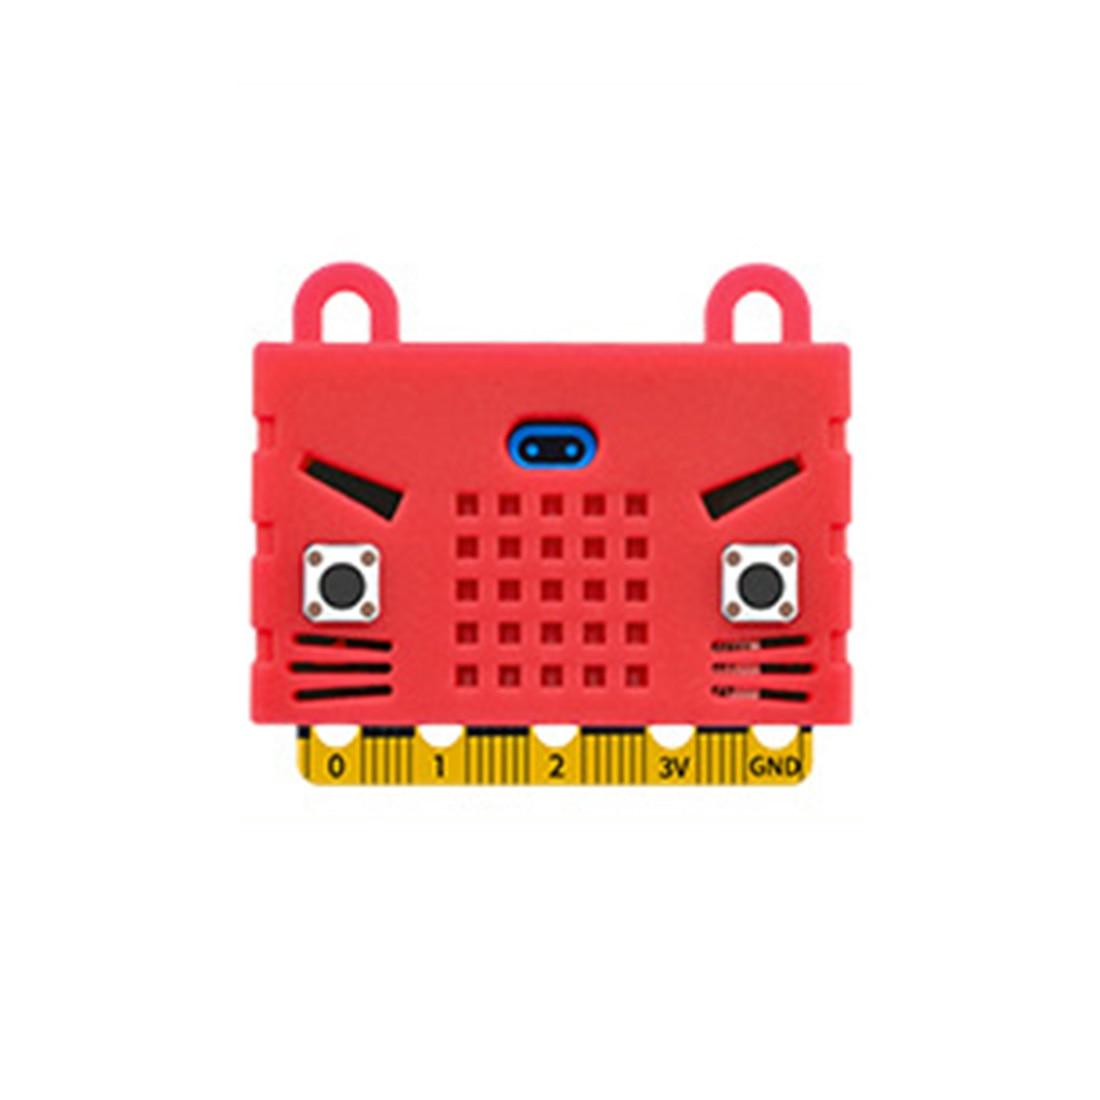 Экологичное уплотнение/тигр/в форме кота силиконовый защитный корпус Крышка корпуса для Micro: Плата расширения бита Bue/красный/оранжевый - Цвет: 6